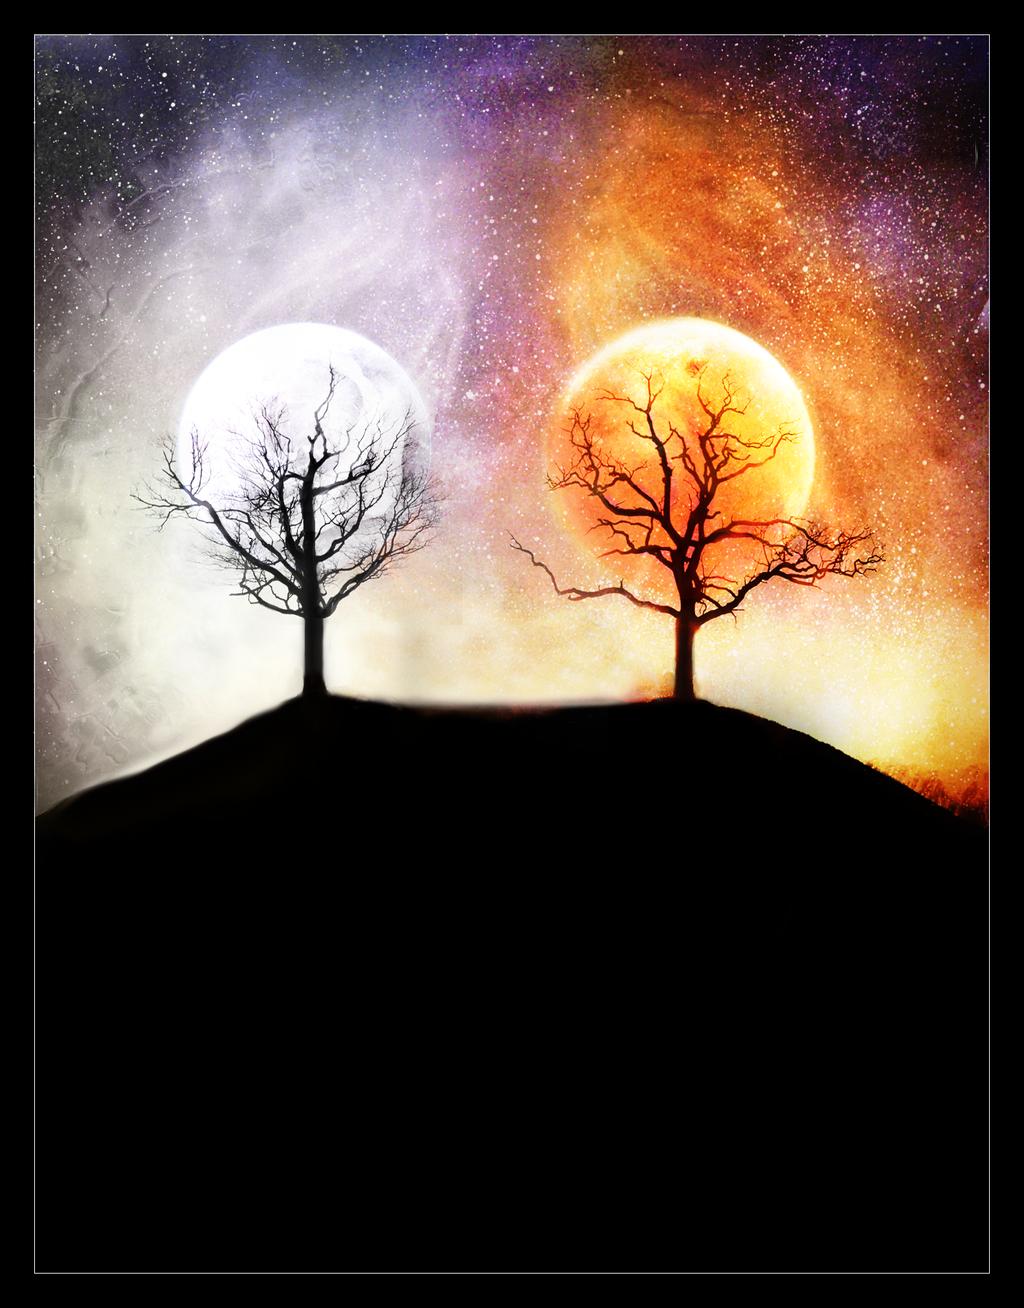 sun and a moon